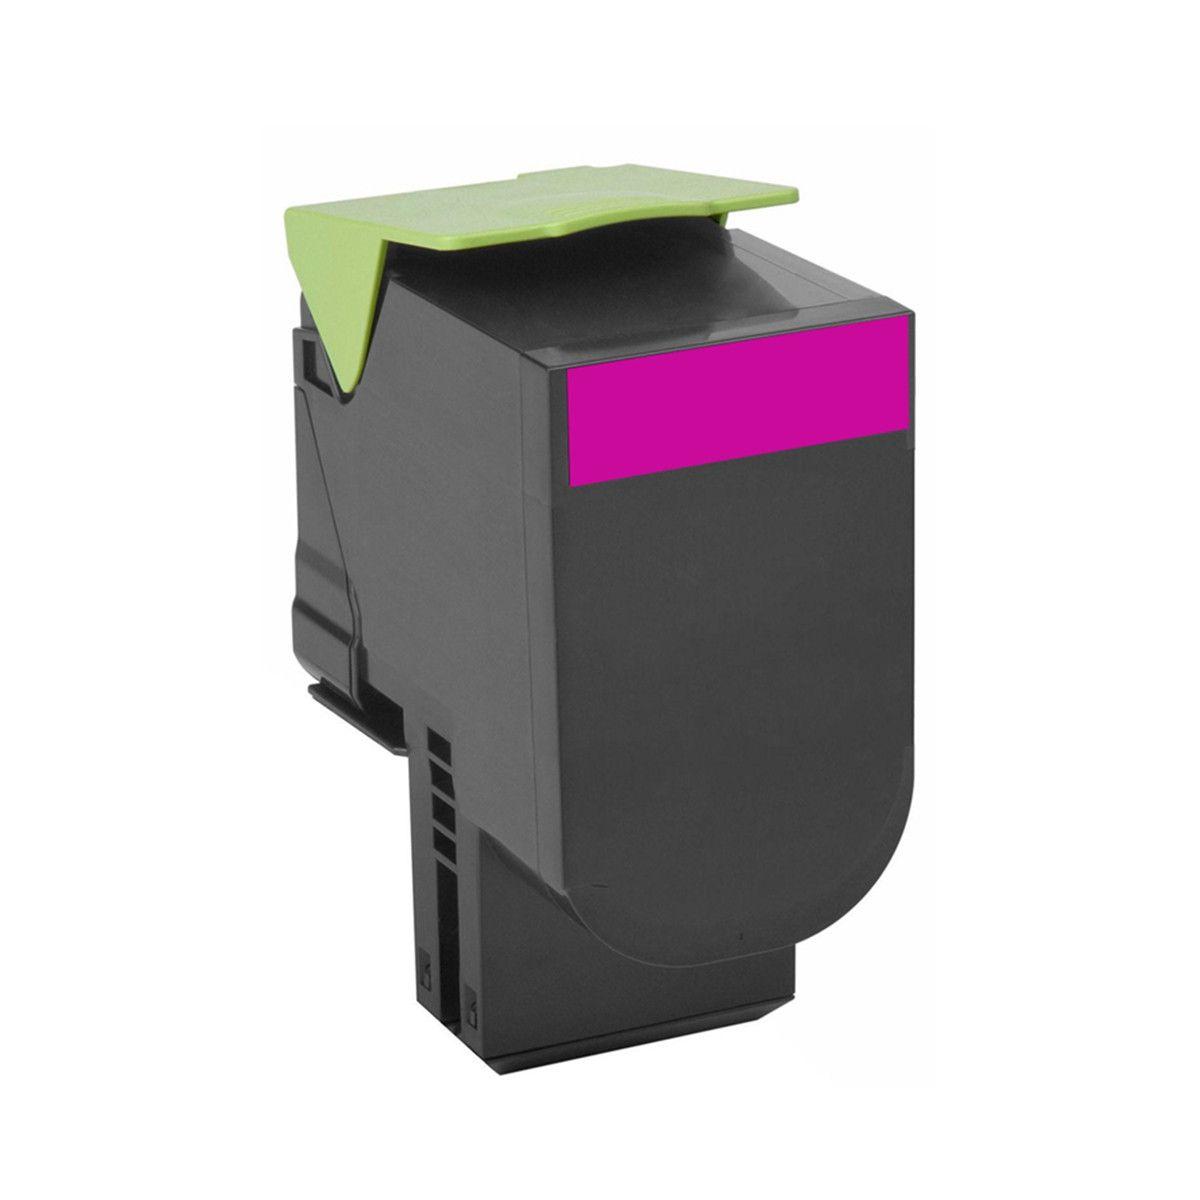 Chip compatível Lexmark [71B4HM0] Magenta - Impressoras: CX417/517 - 3.500 Páginas - Cartucho & Cia